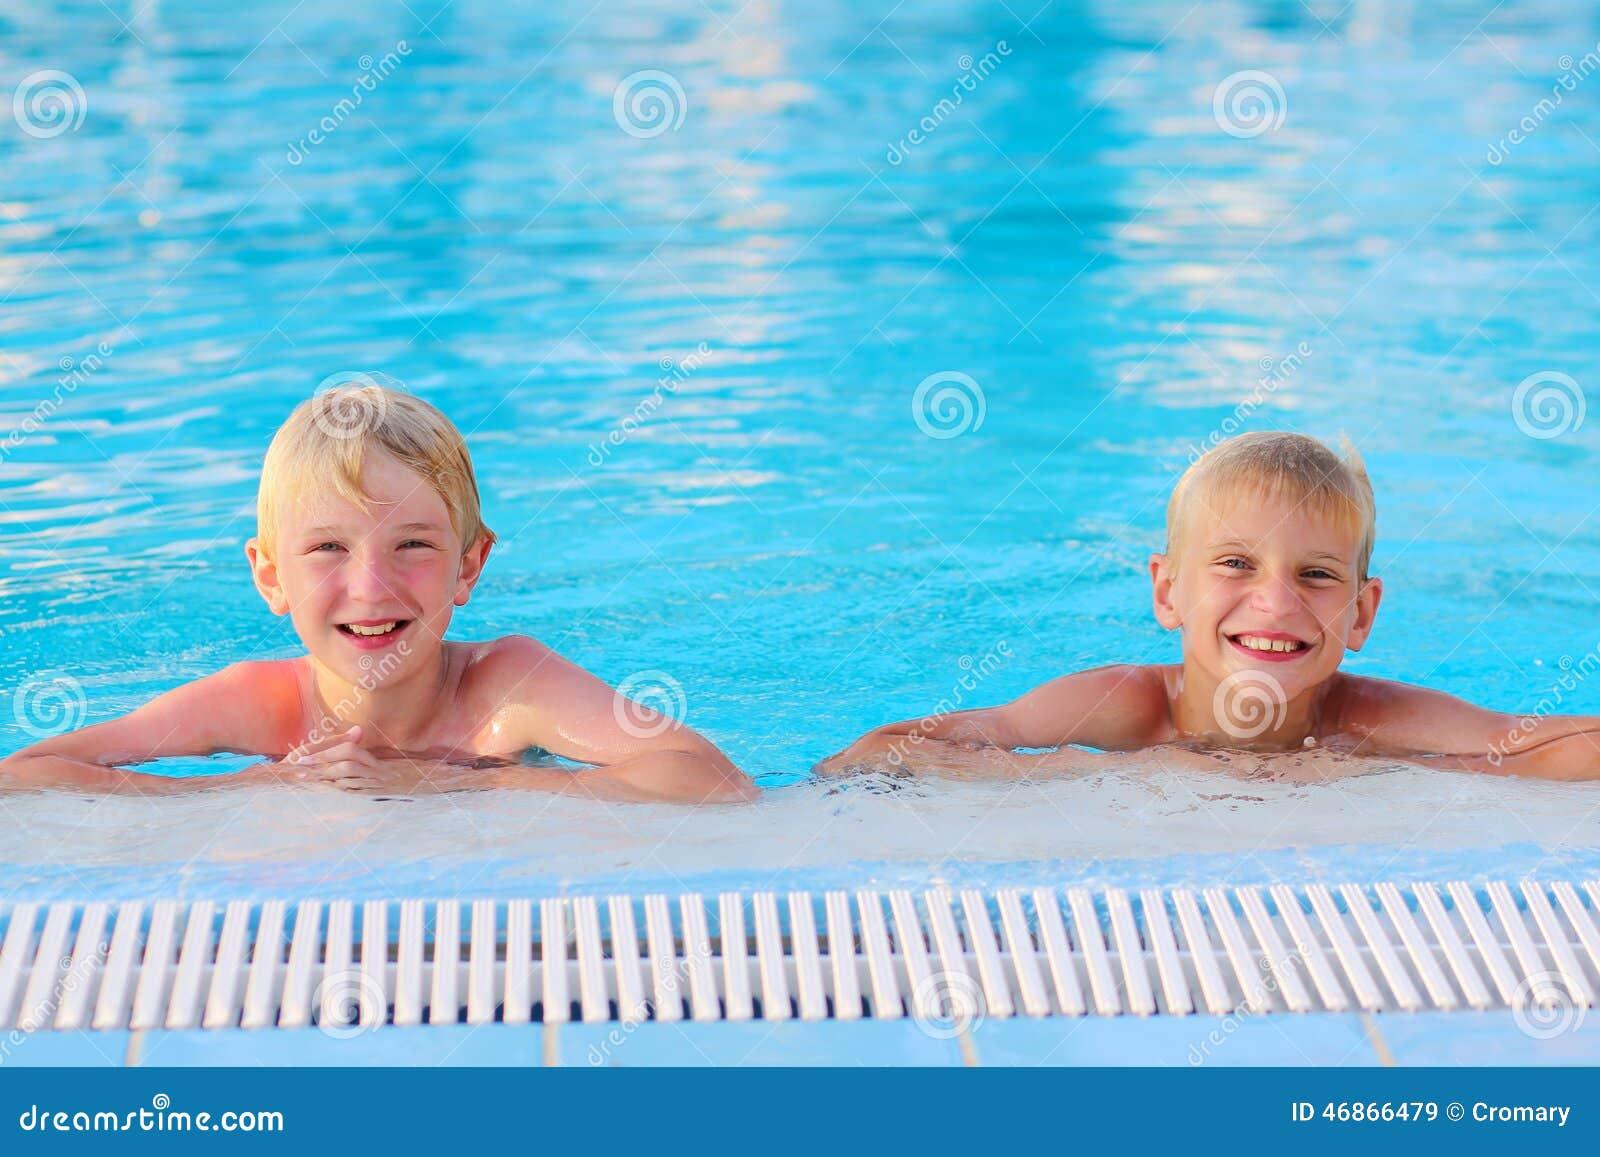 Twee Jonge Geitjes Die Pret In De Zomer Zwembad Hebben Stock Afbeelding Afbeelding Bestaande